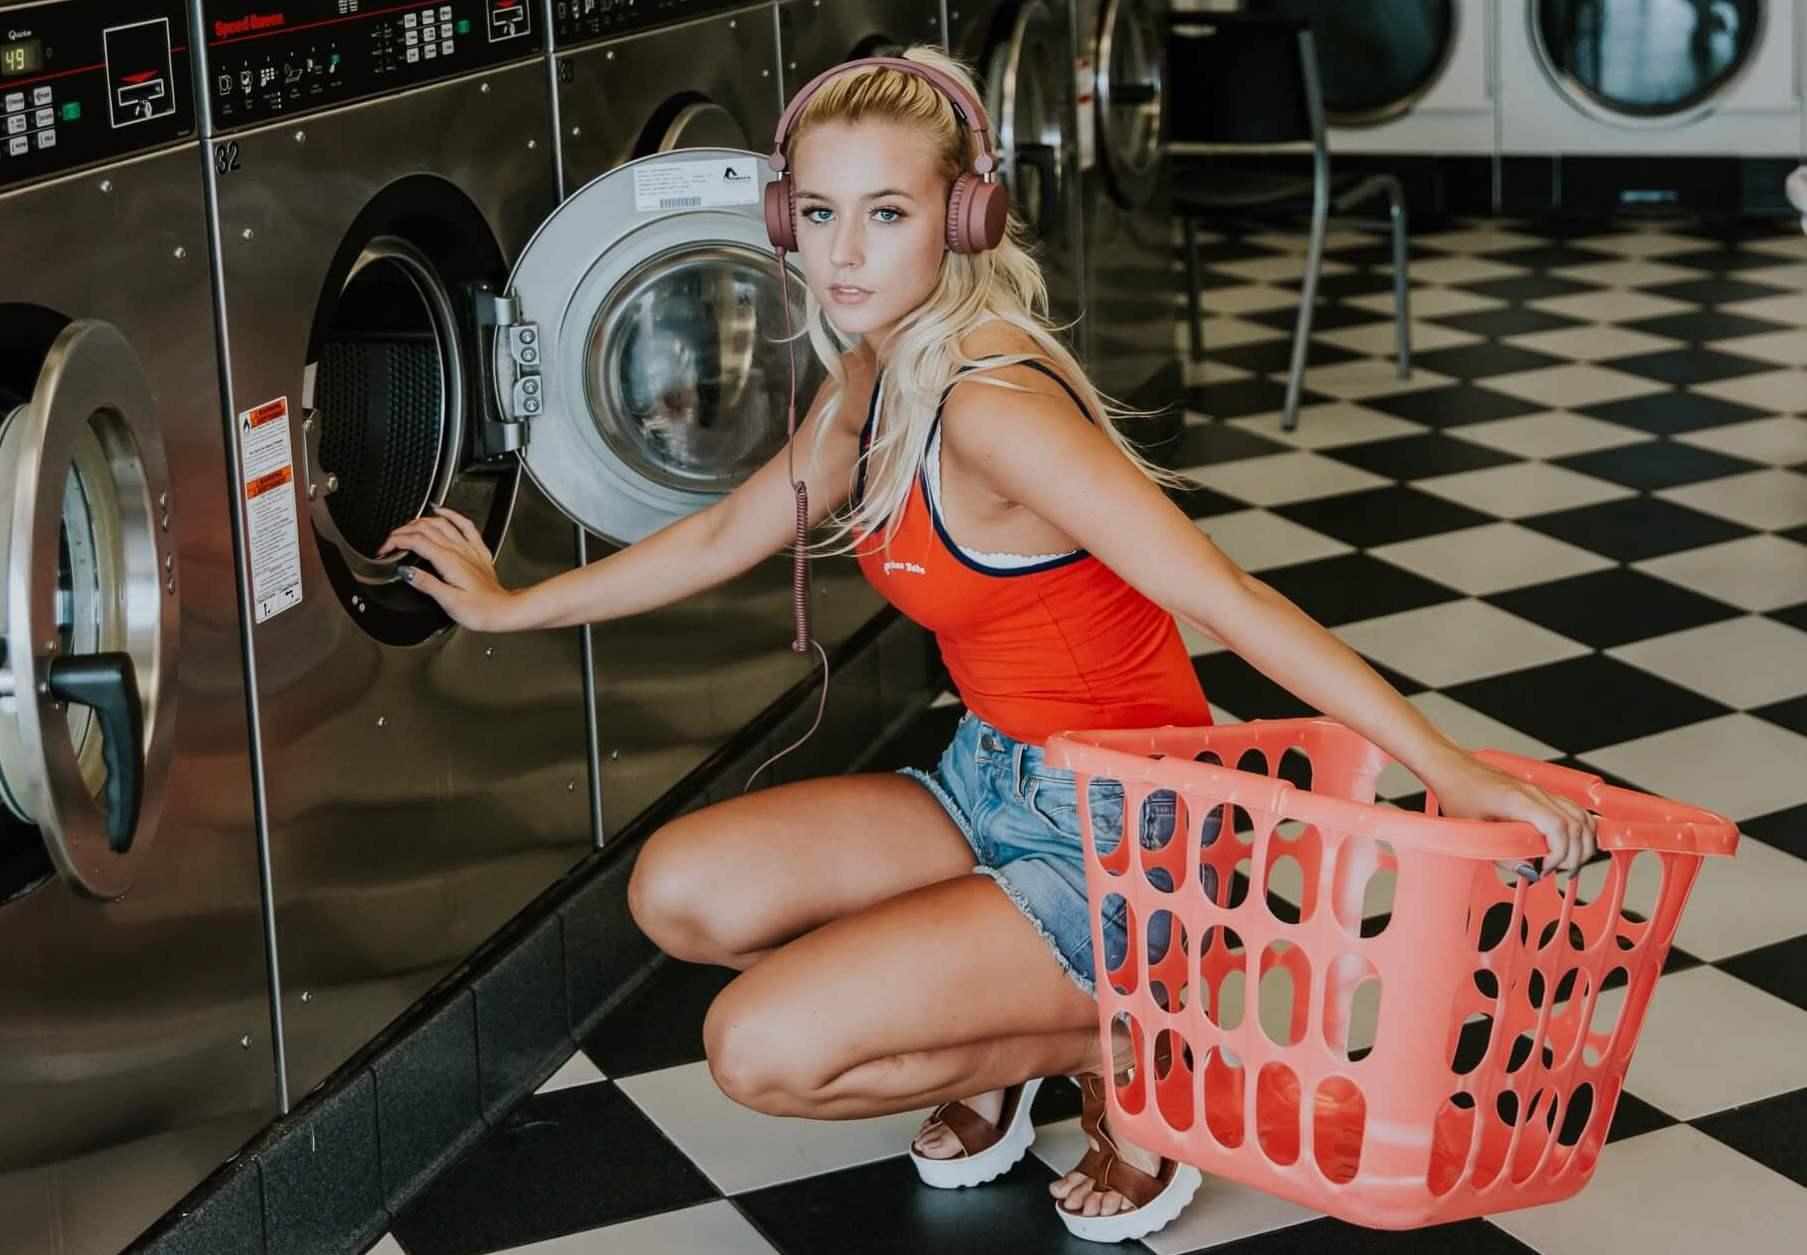 コインランドリーで洗濯カゴを持ってしゃがむ女性